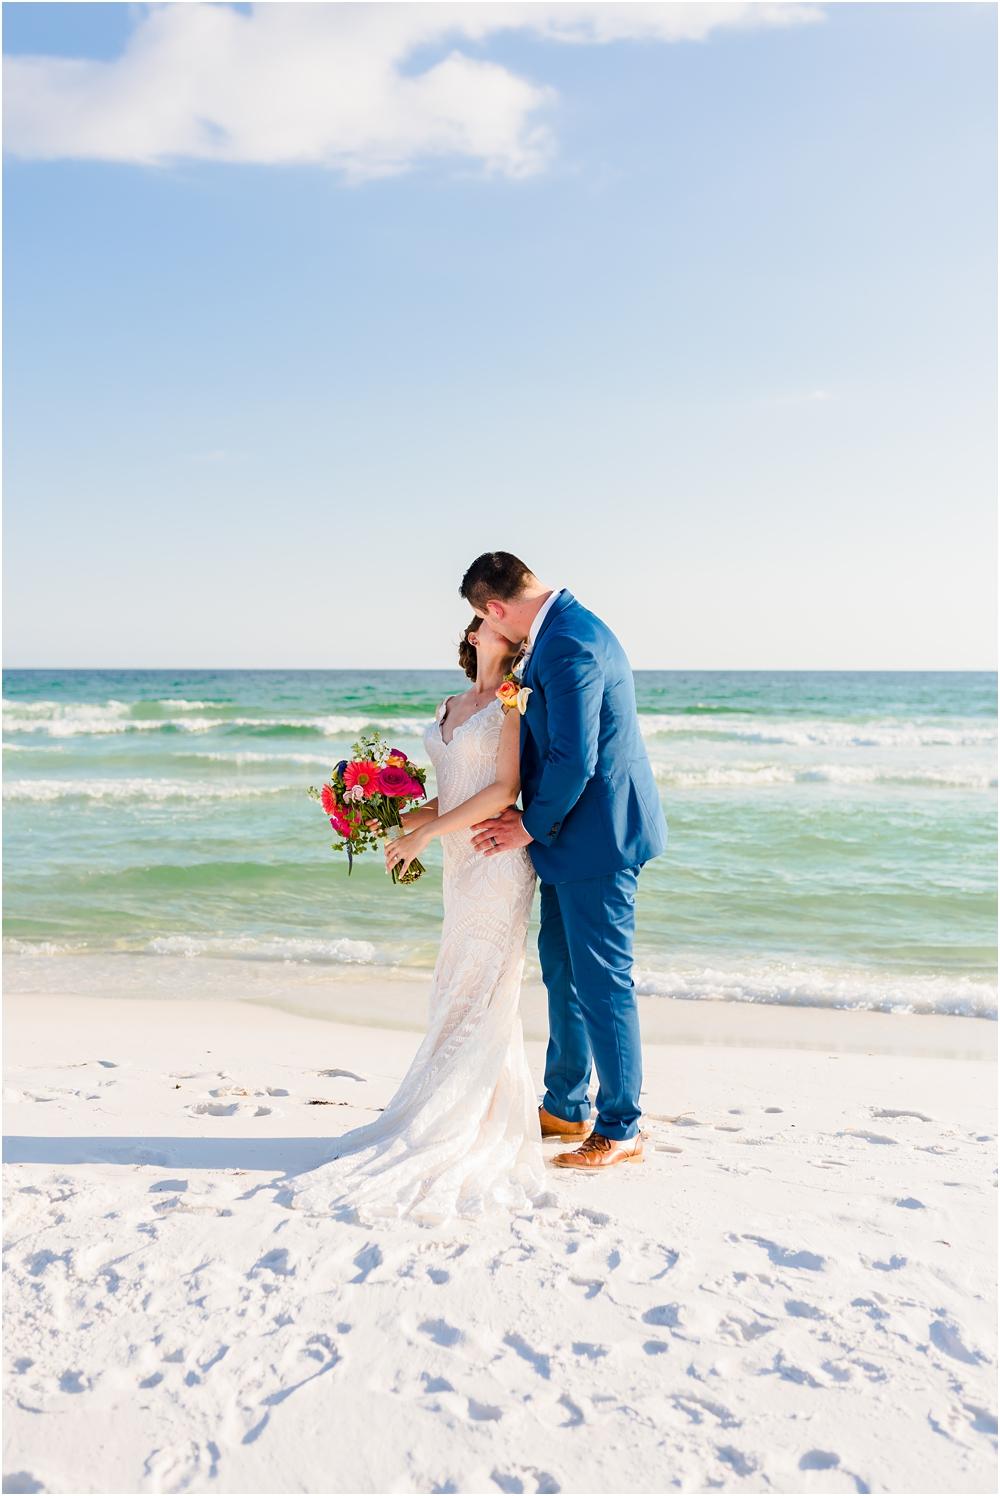 destin-sunquest-cruise-wedding-kiersten-stevenson-photography-81.jpg